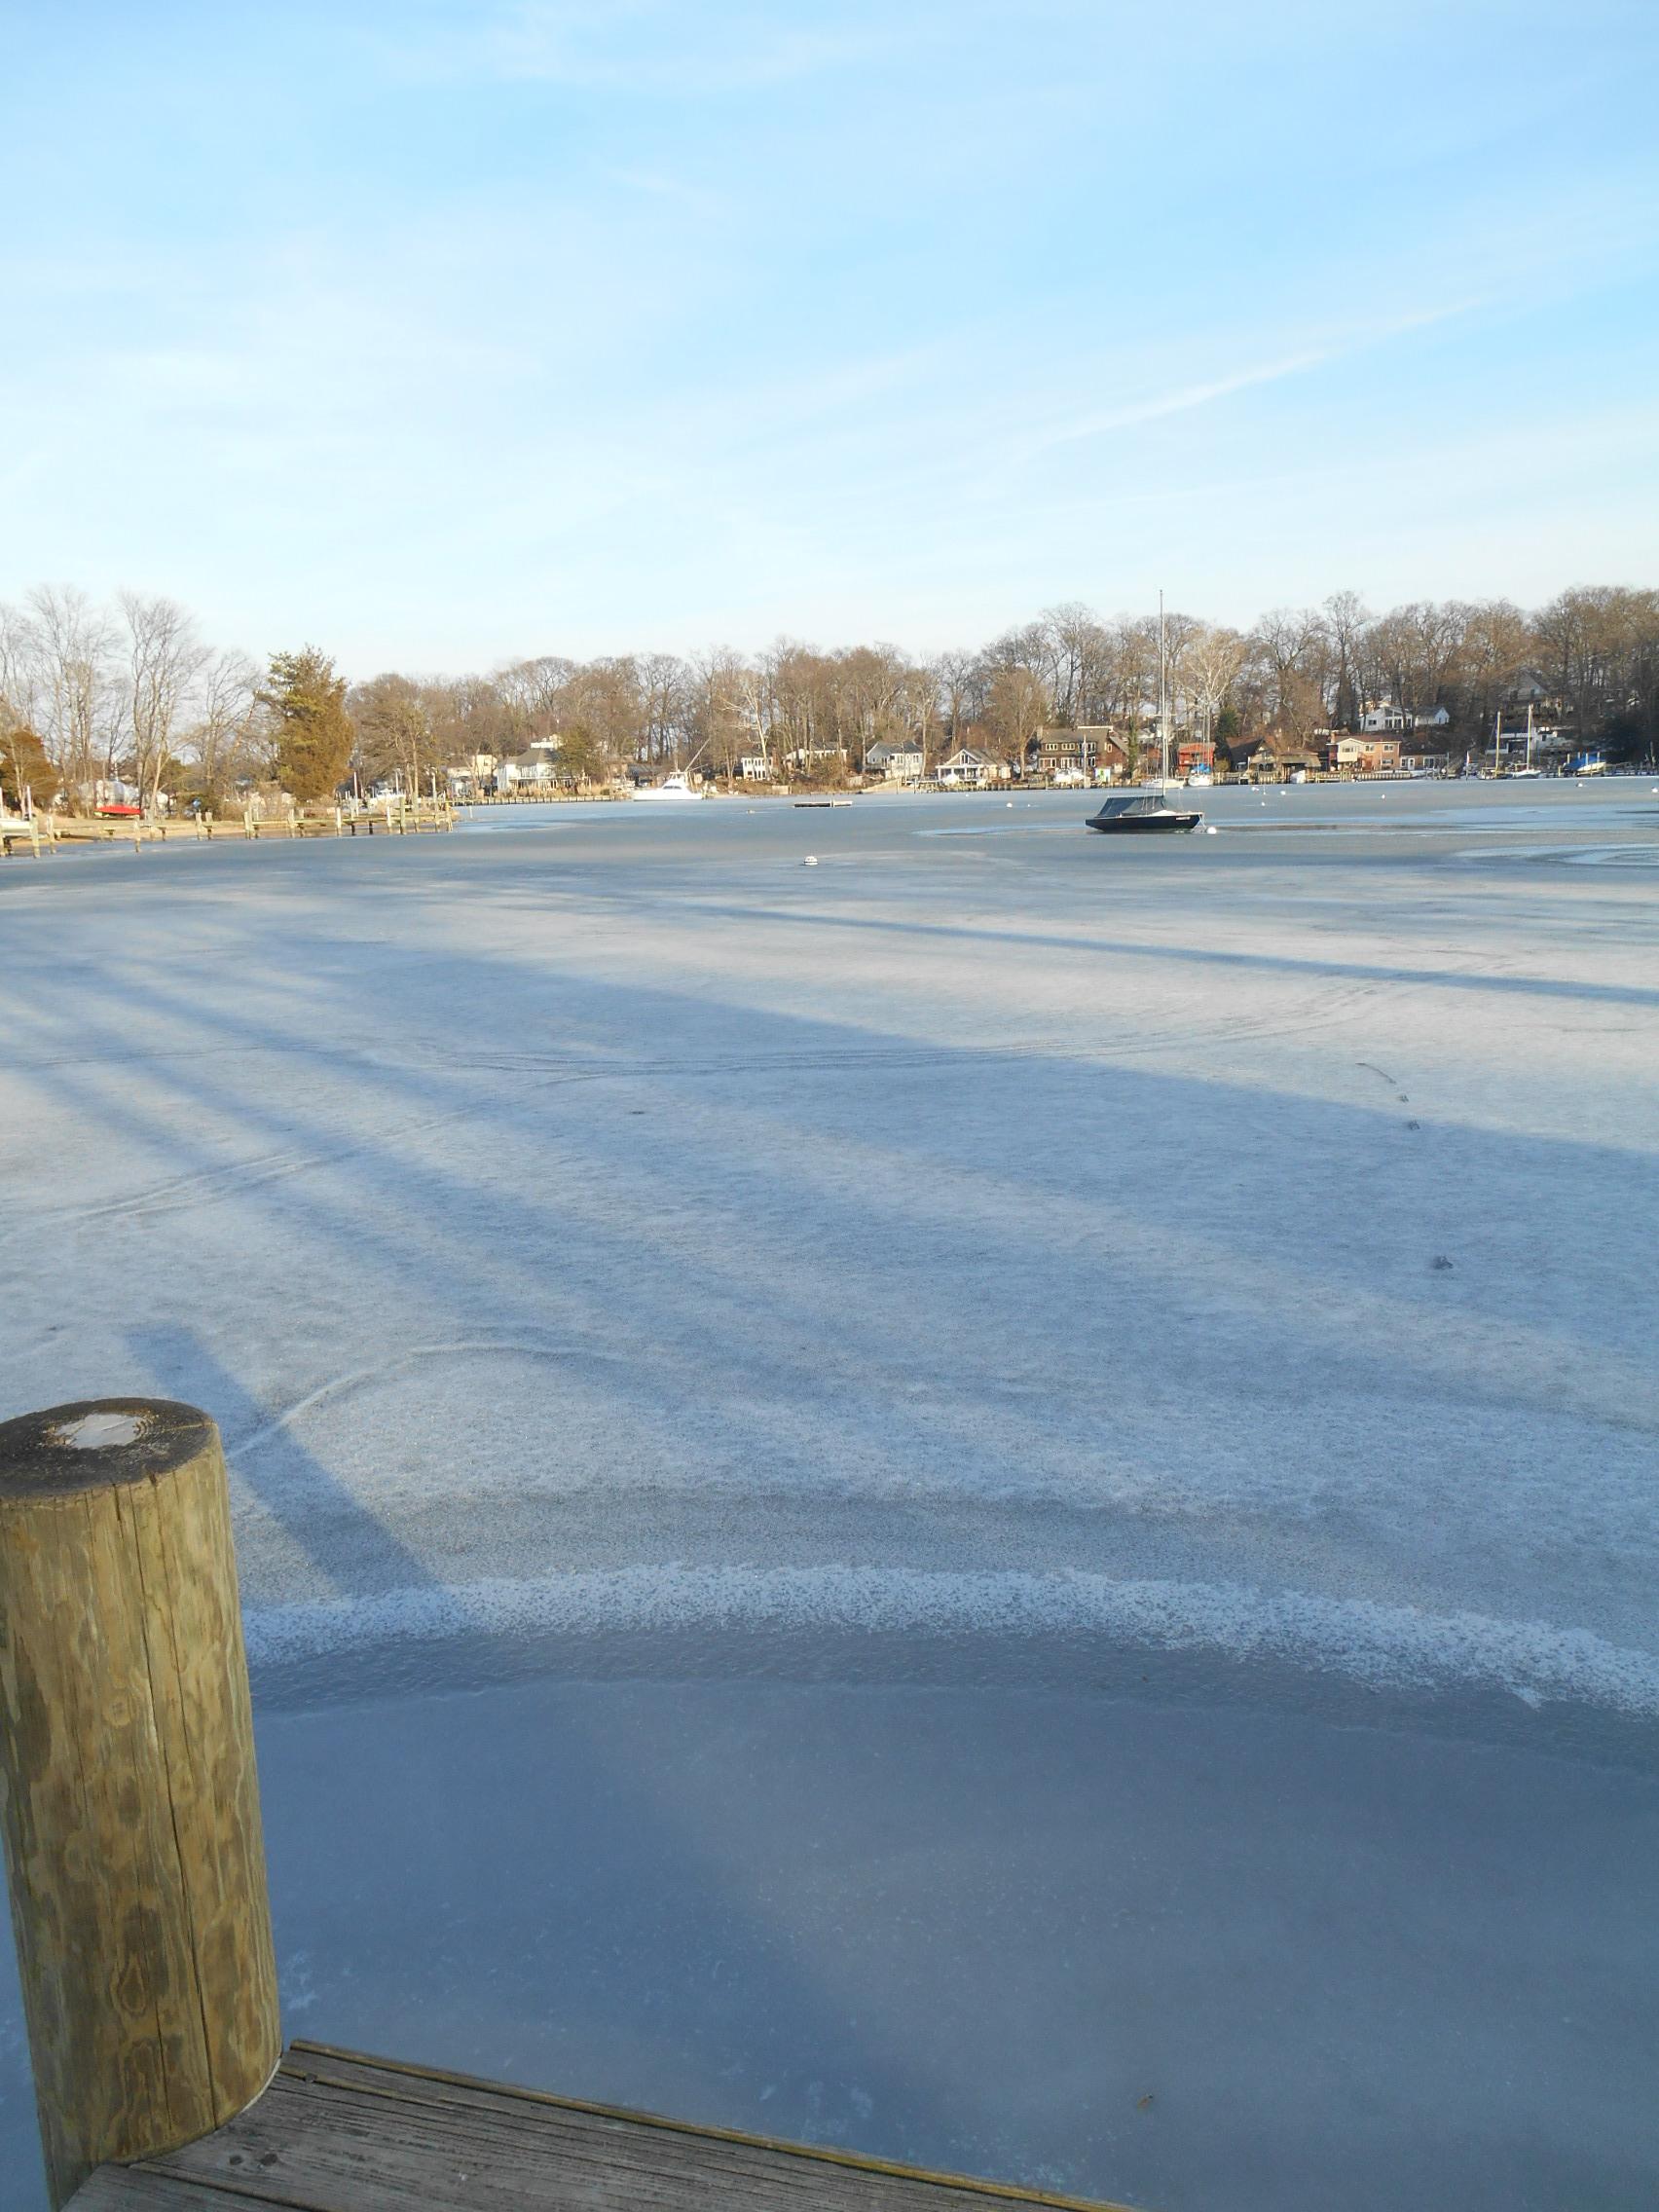 Lark swings alone in the ice ...